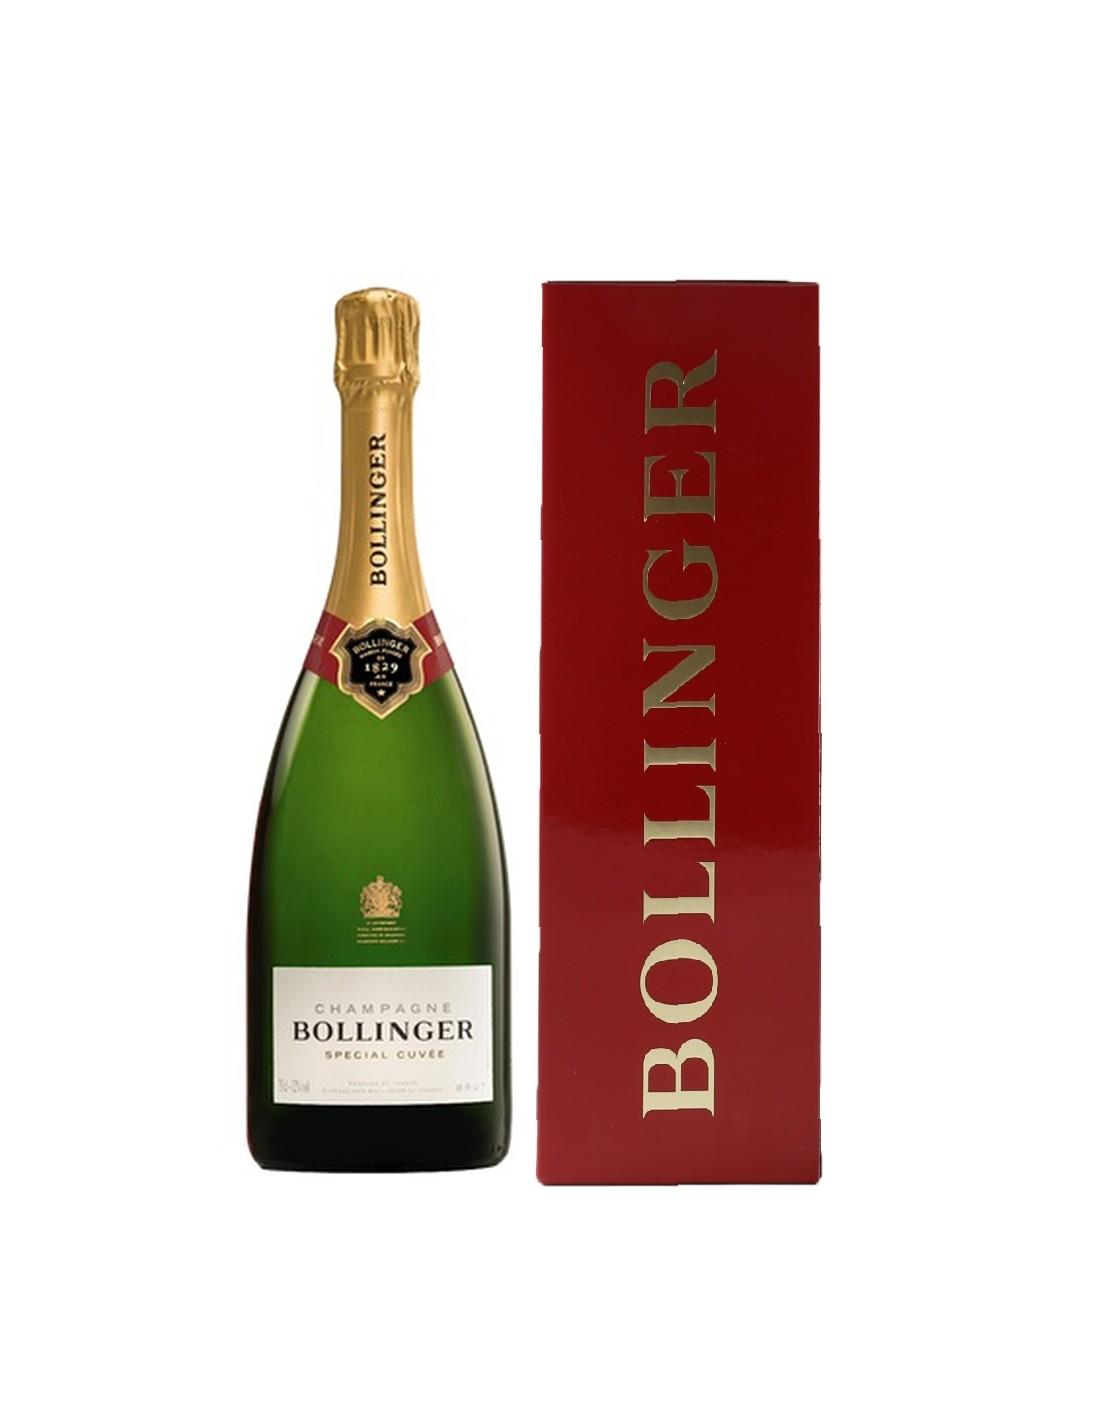 Sampanie Bollinger Brut Special Cuvee Champagne + cutie, 0.75L, 12% alc., Franta